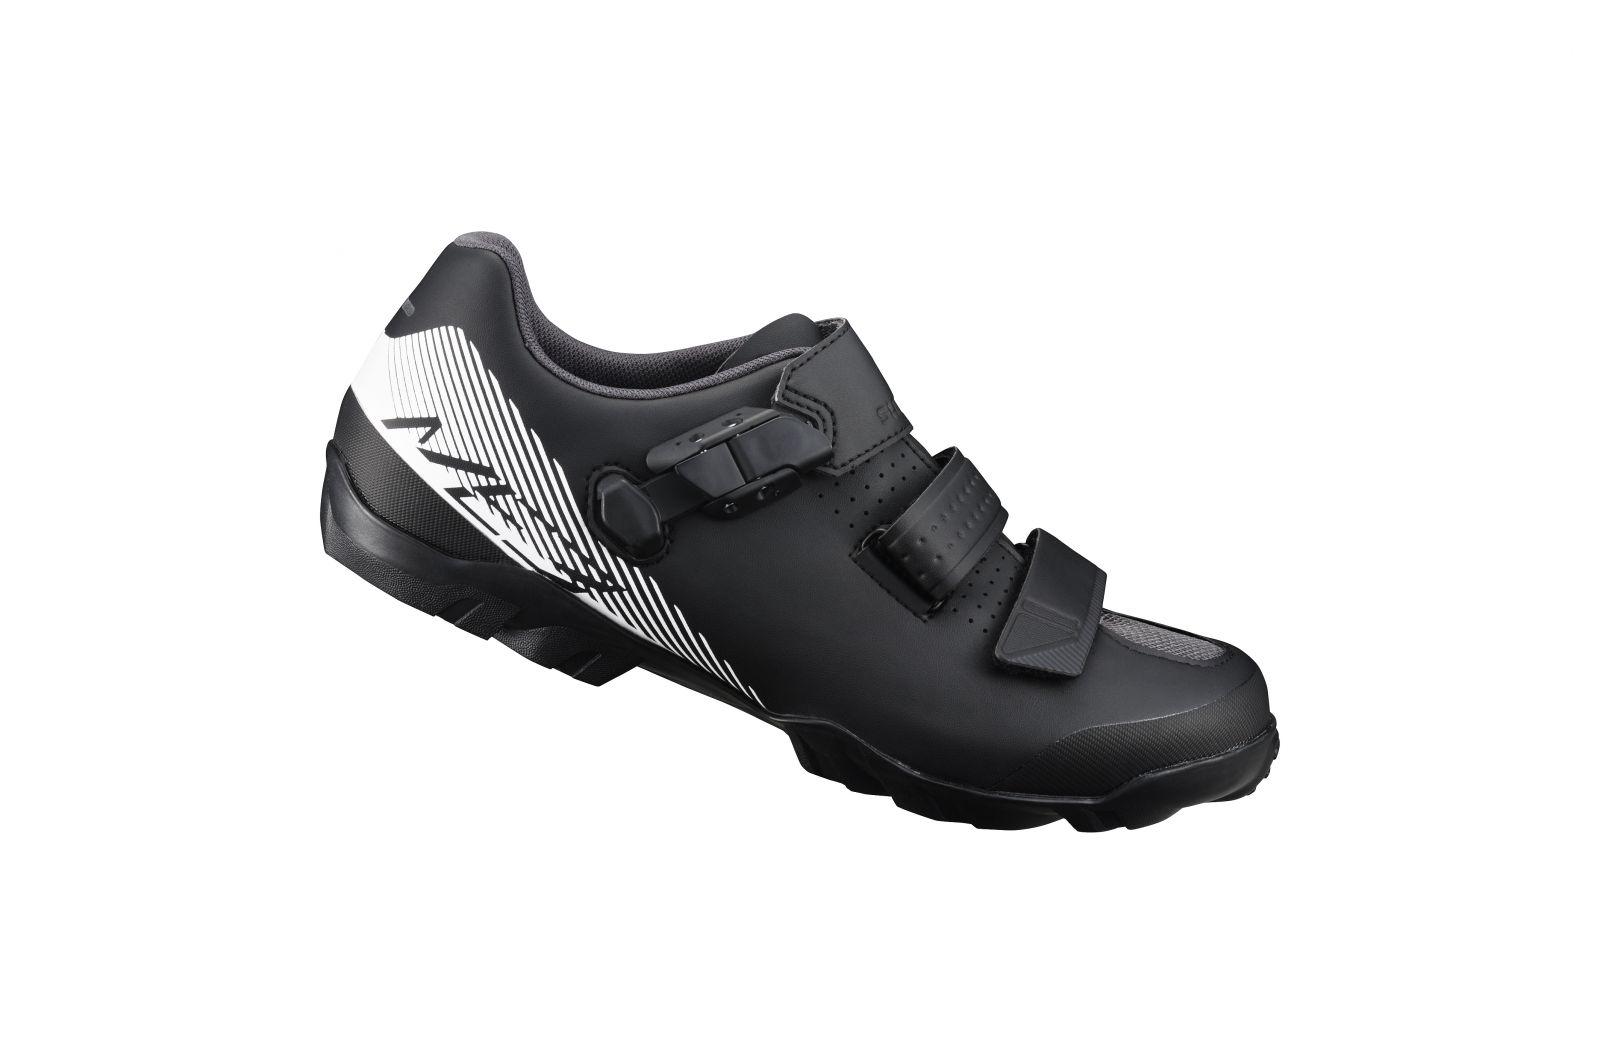 SHIMANO MTB obuv SH-ME300ML, černá, 47